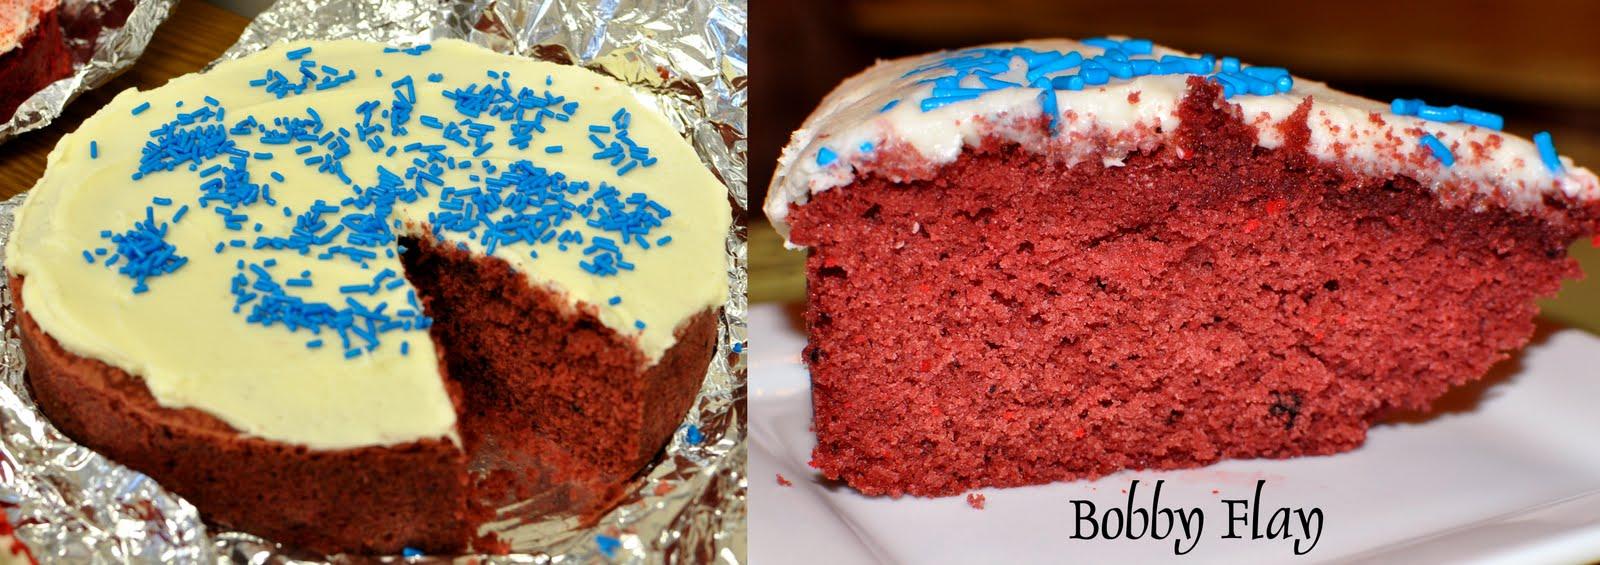 Red velvet cake bobby flay recipe